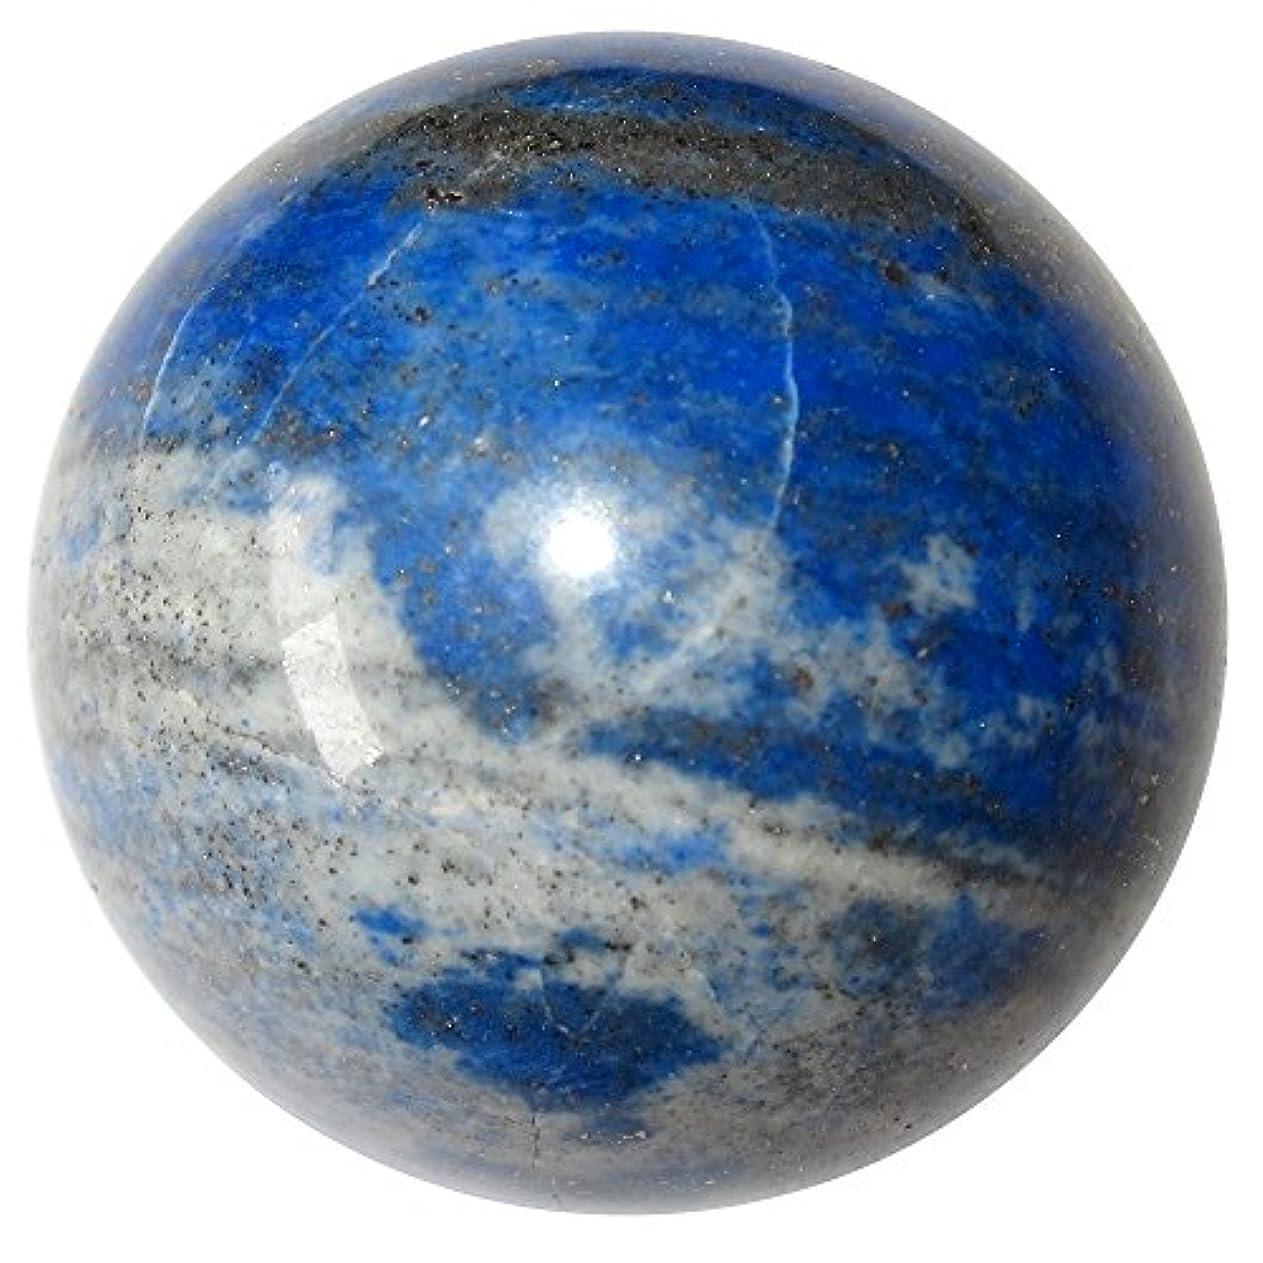 遠足設置スプーンサテンクリスタルLapisボールプレミアムブルーLazuli Third Eye Chakra直感的なHealing Precious Stone球p03 1.6 Inches ブルー lapisball03-afghanearth...